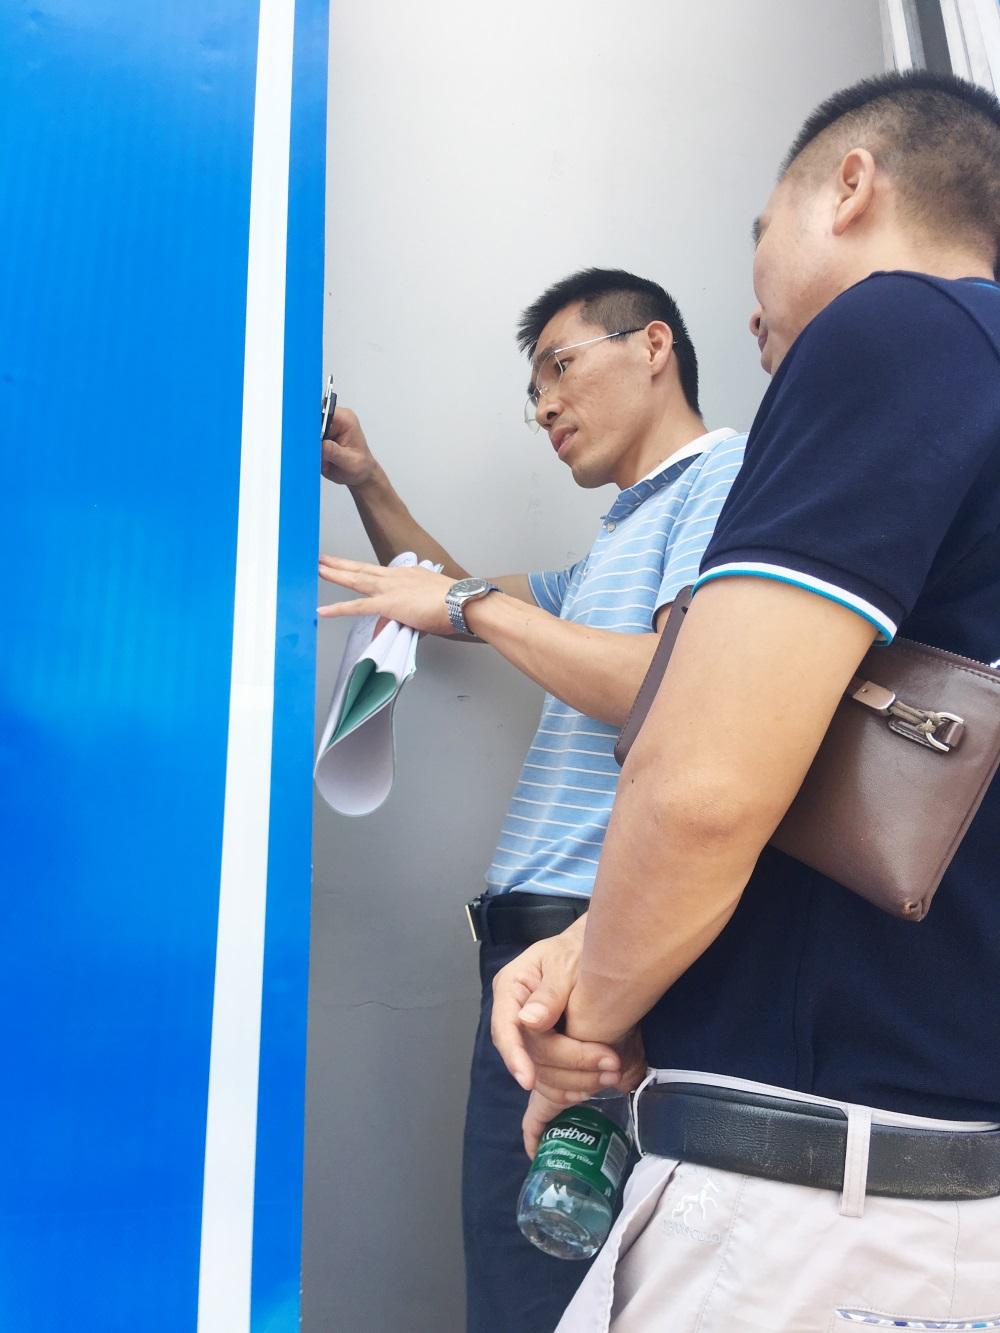 2肖輝雄調研員、王國鵬主任對成品尺寸測量核對.JPG